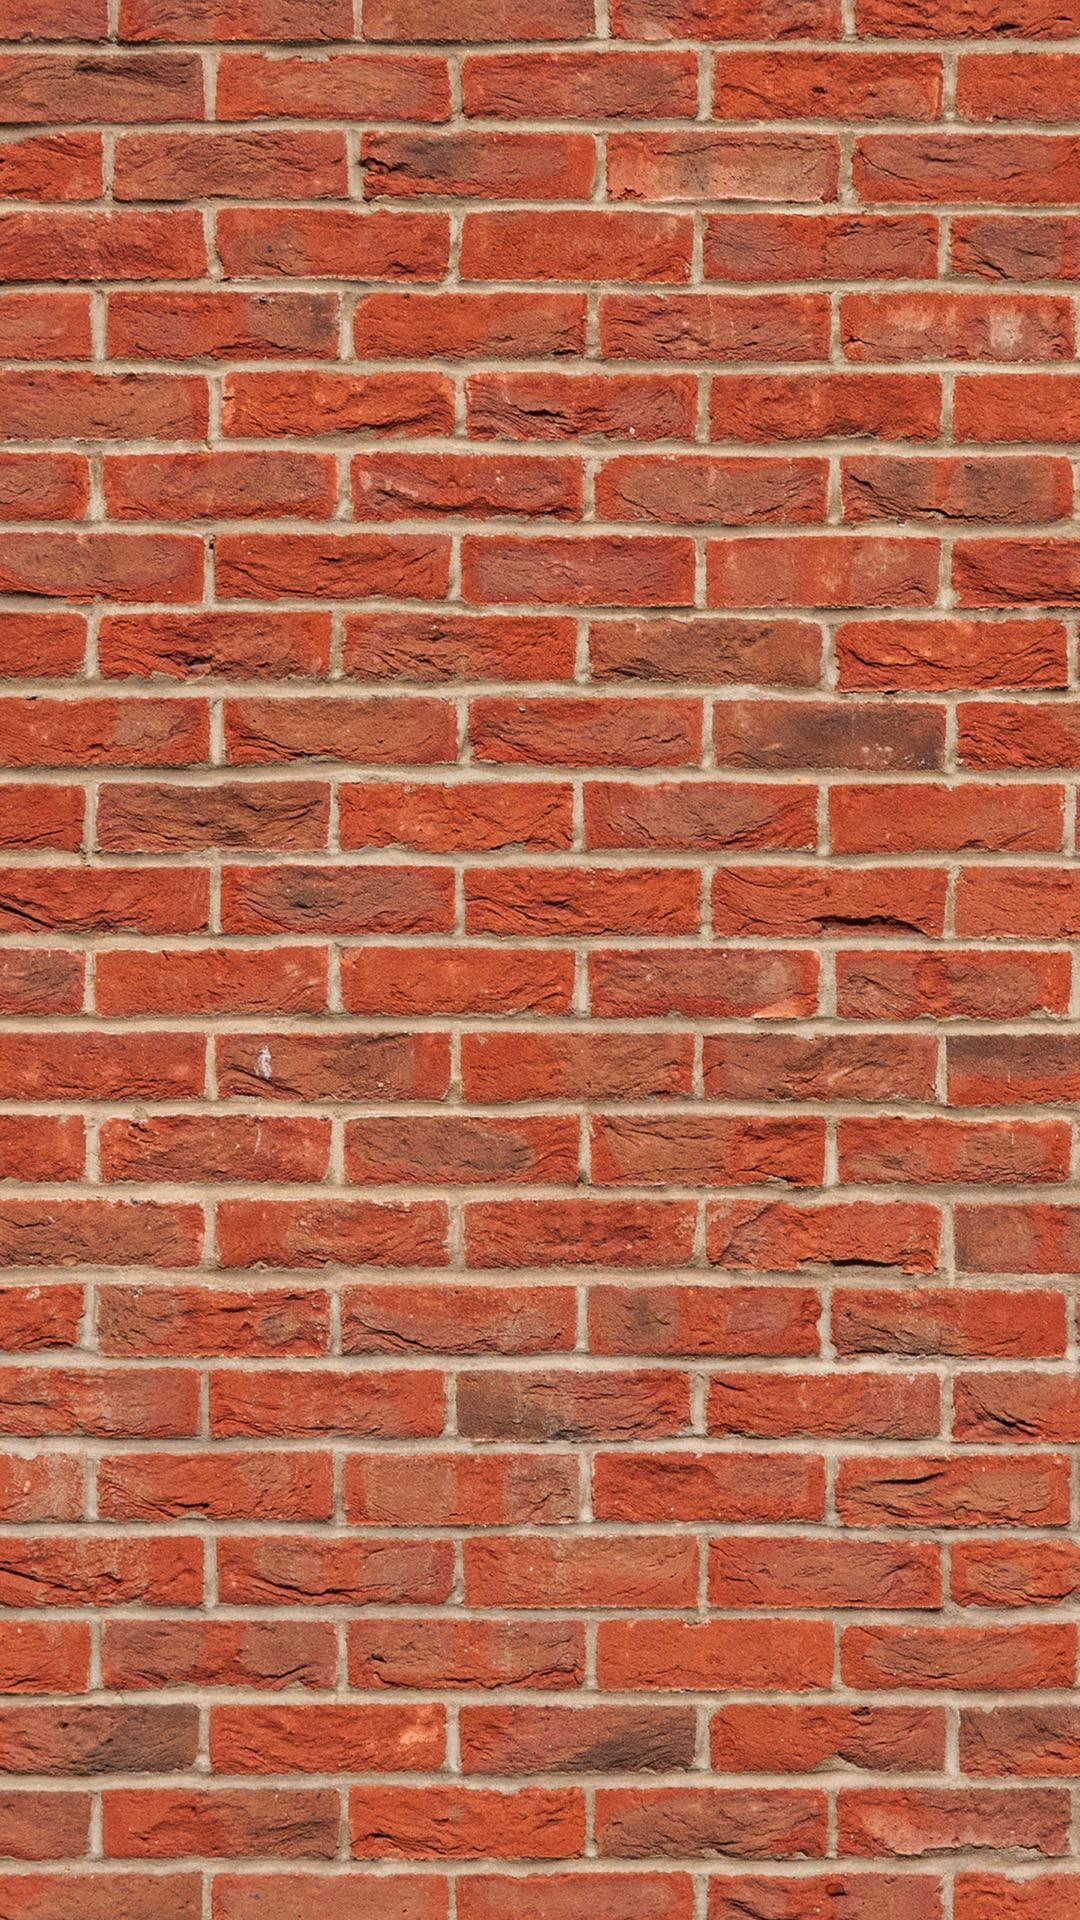 Pattern brick red brown vermilion